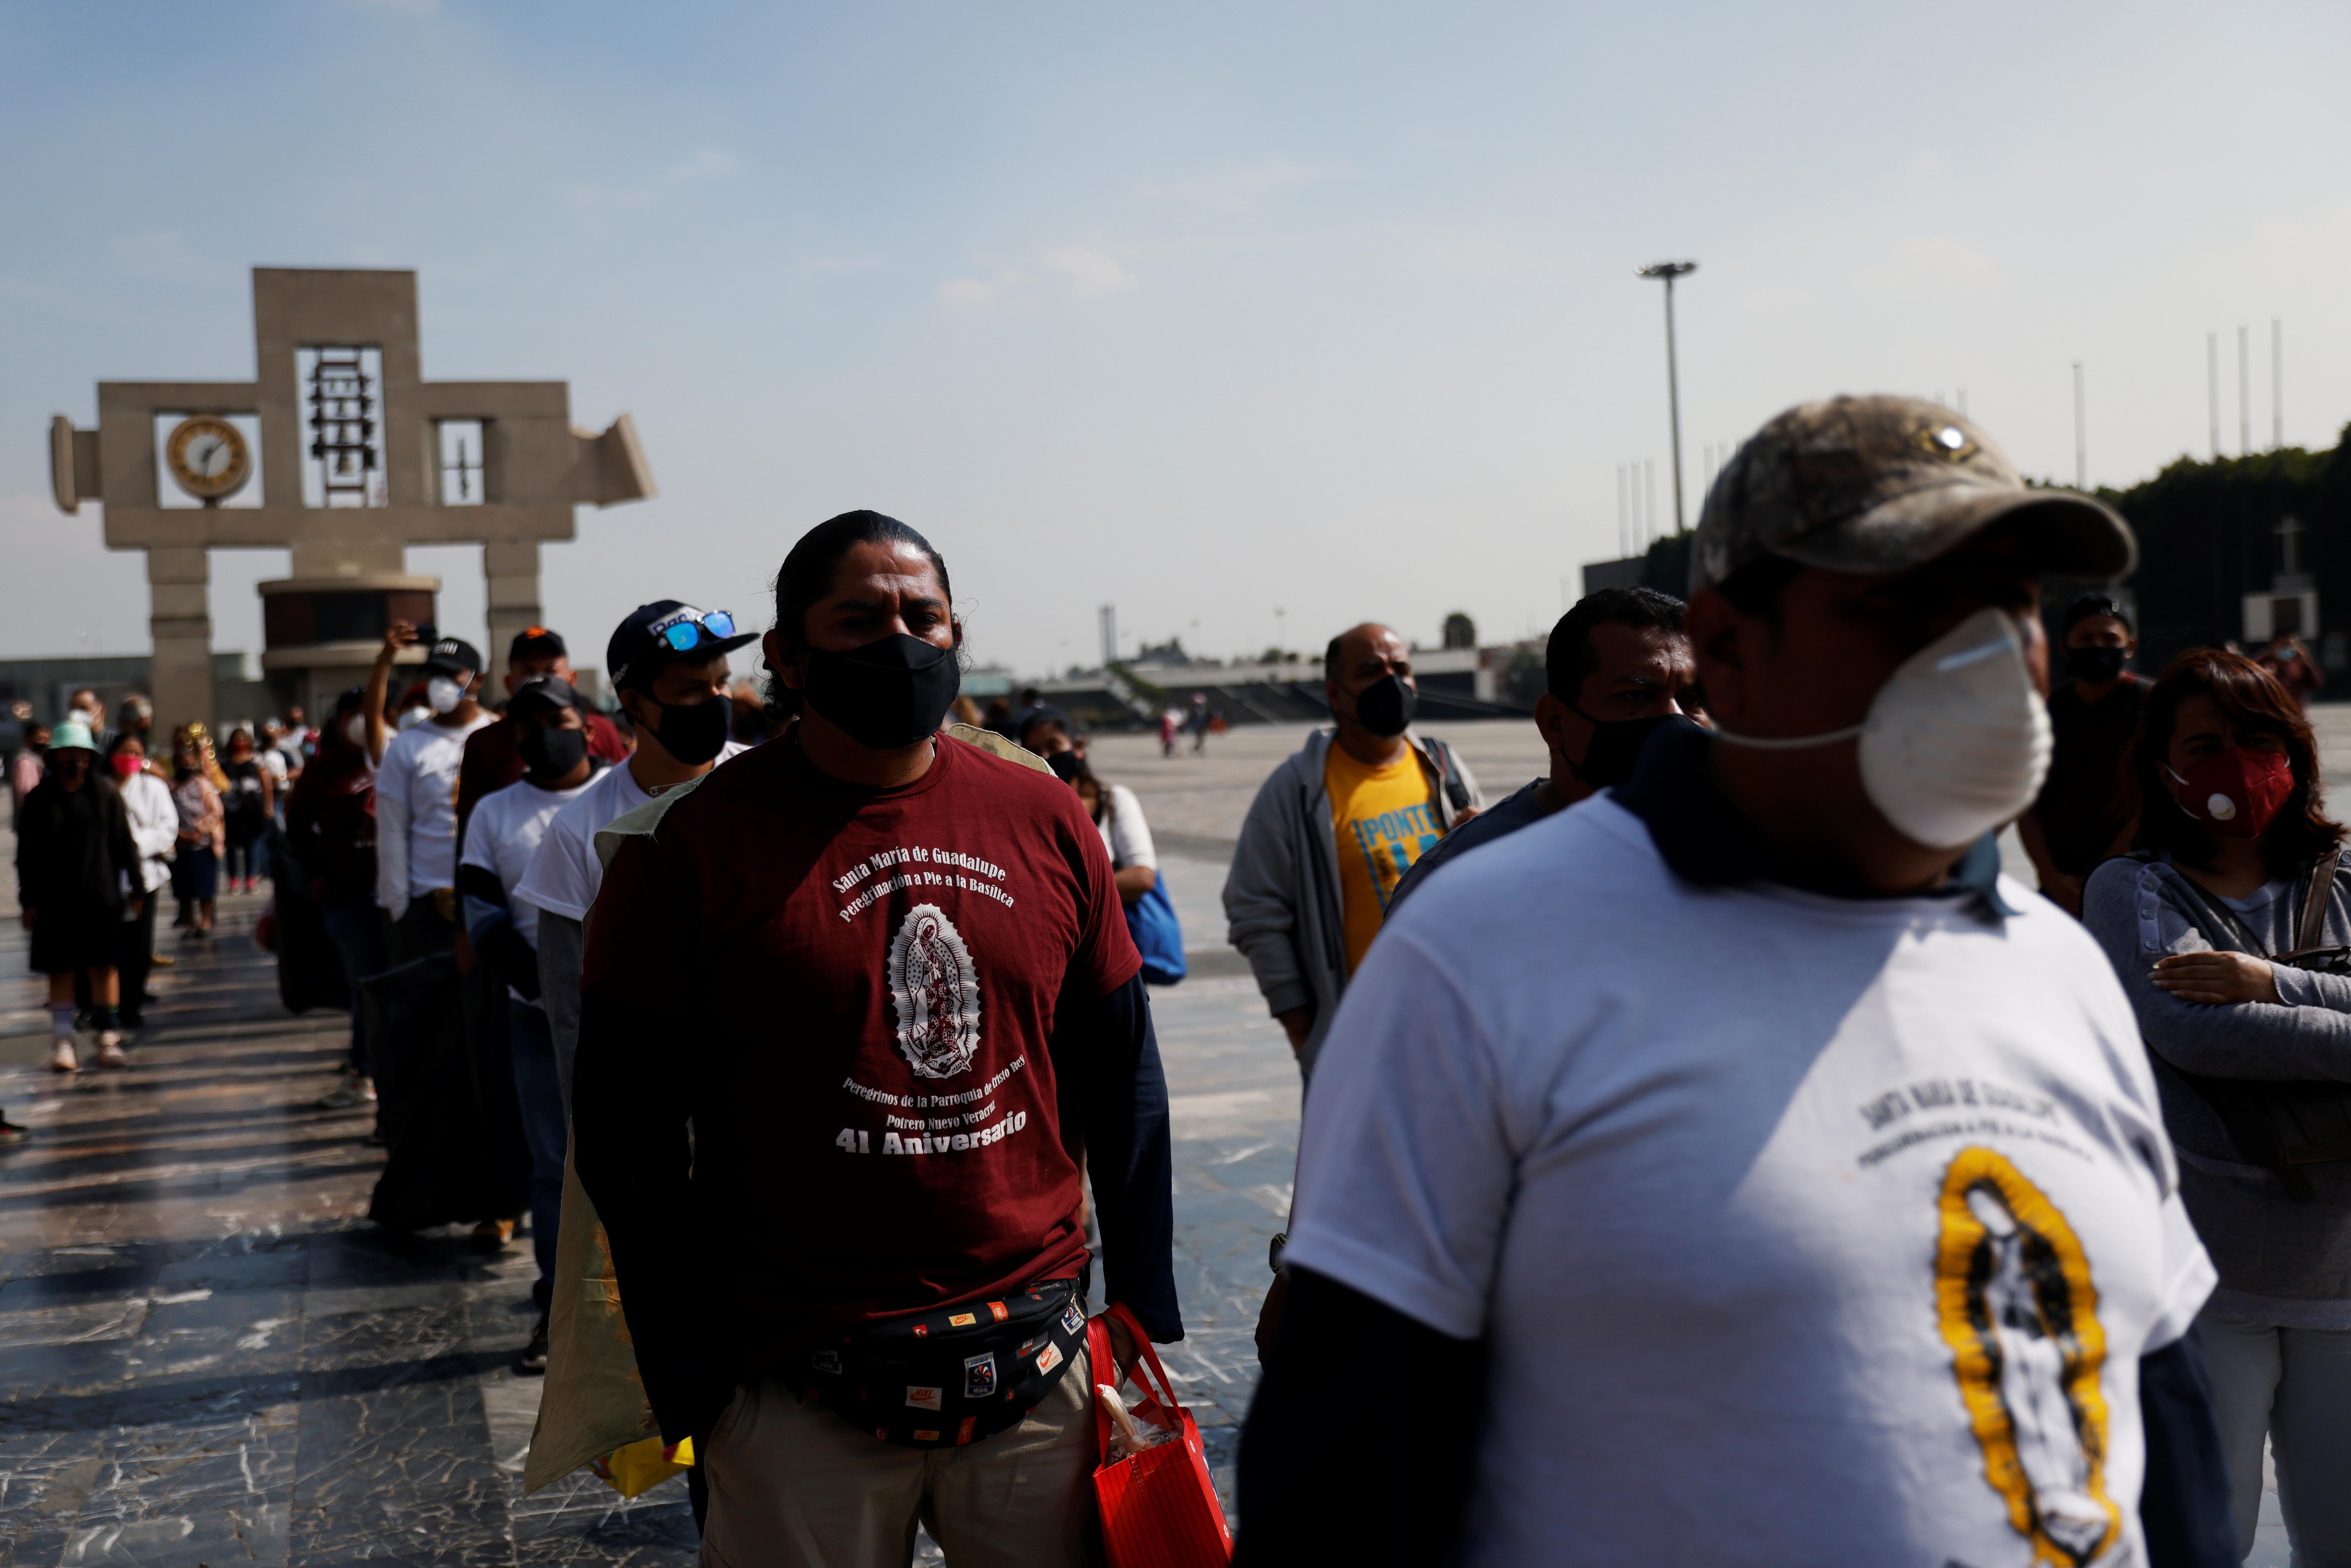 Los peregrinos siguen un control sanitario frente a la Basílica de Guadalupe llegan antes del aniversario de la Virgen y luego de su cierre temporal, en Ciudad de México, México 8 de diciembre de 2020.